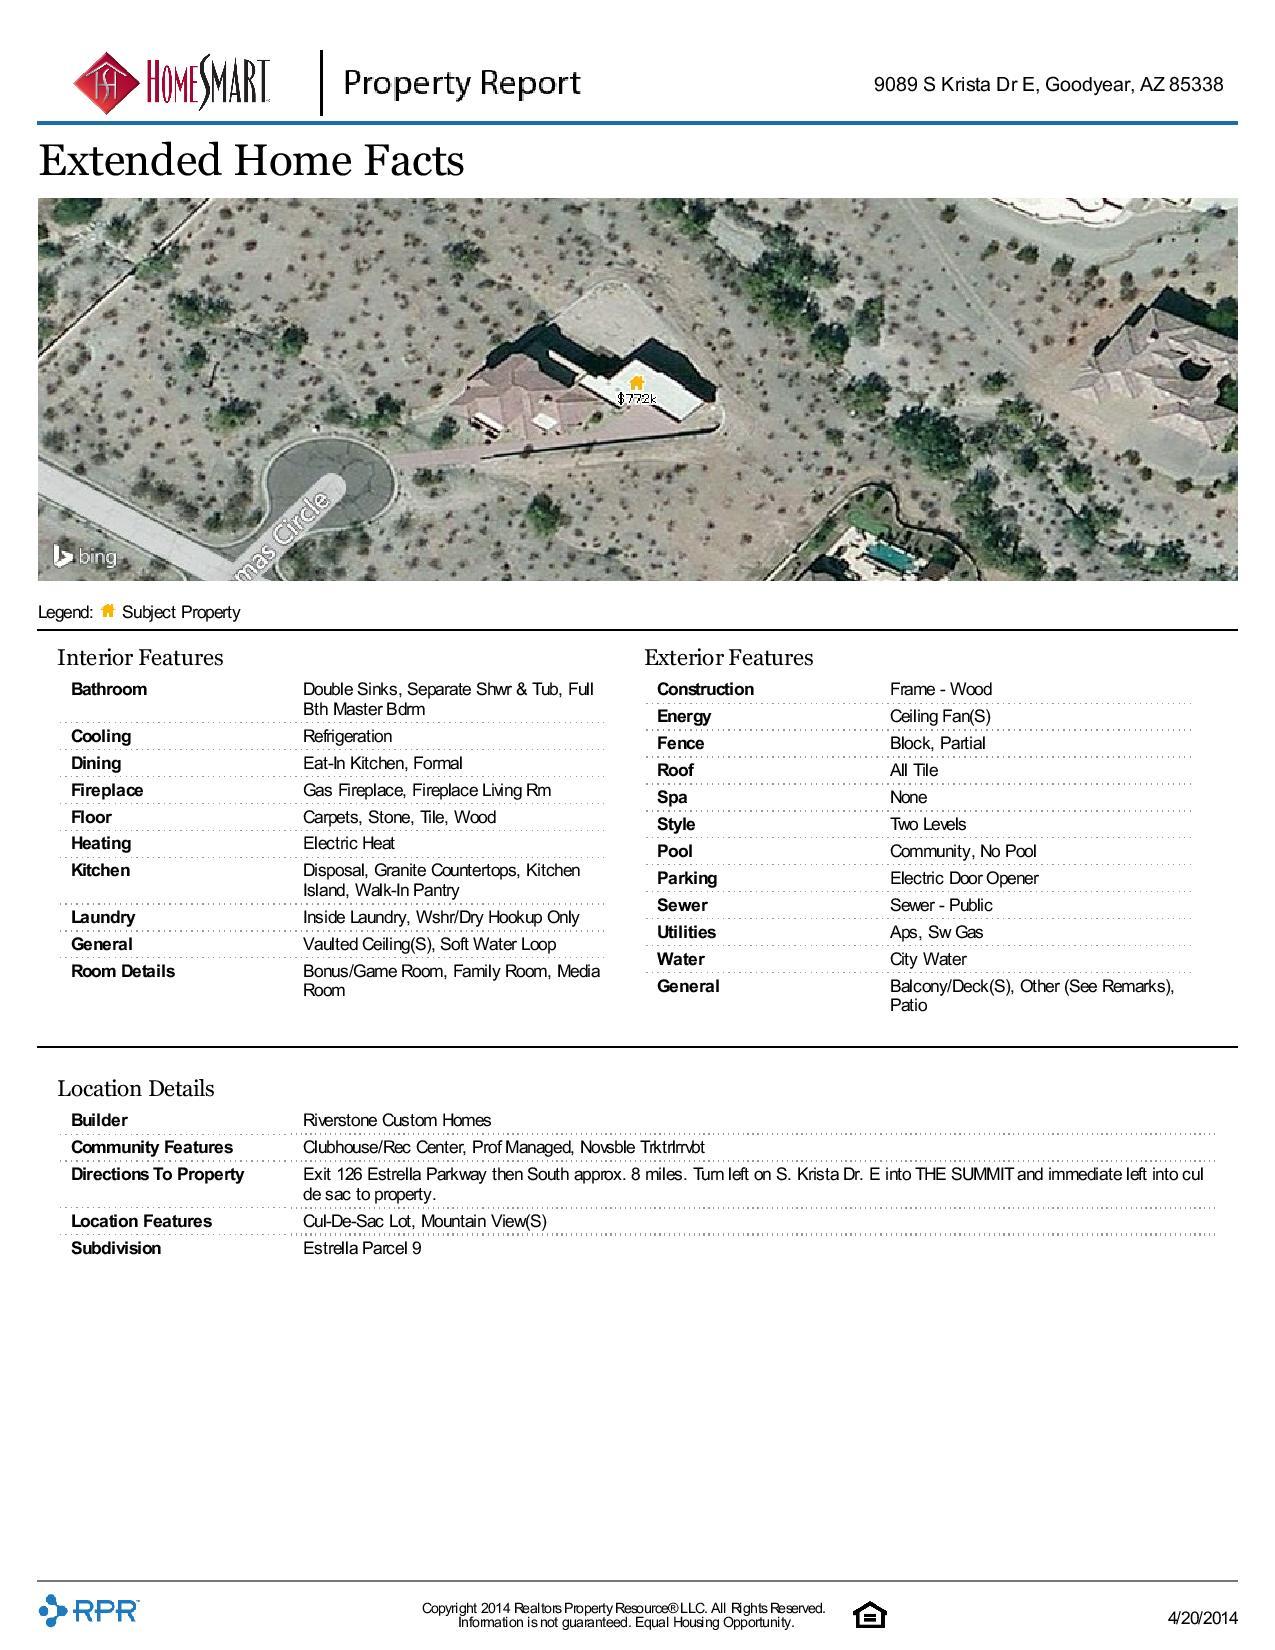 9089-S-Krista-Dr-E-Goodyear-AZ-85338-page-004